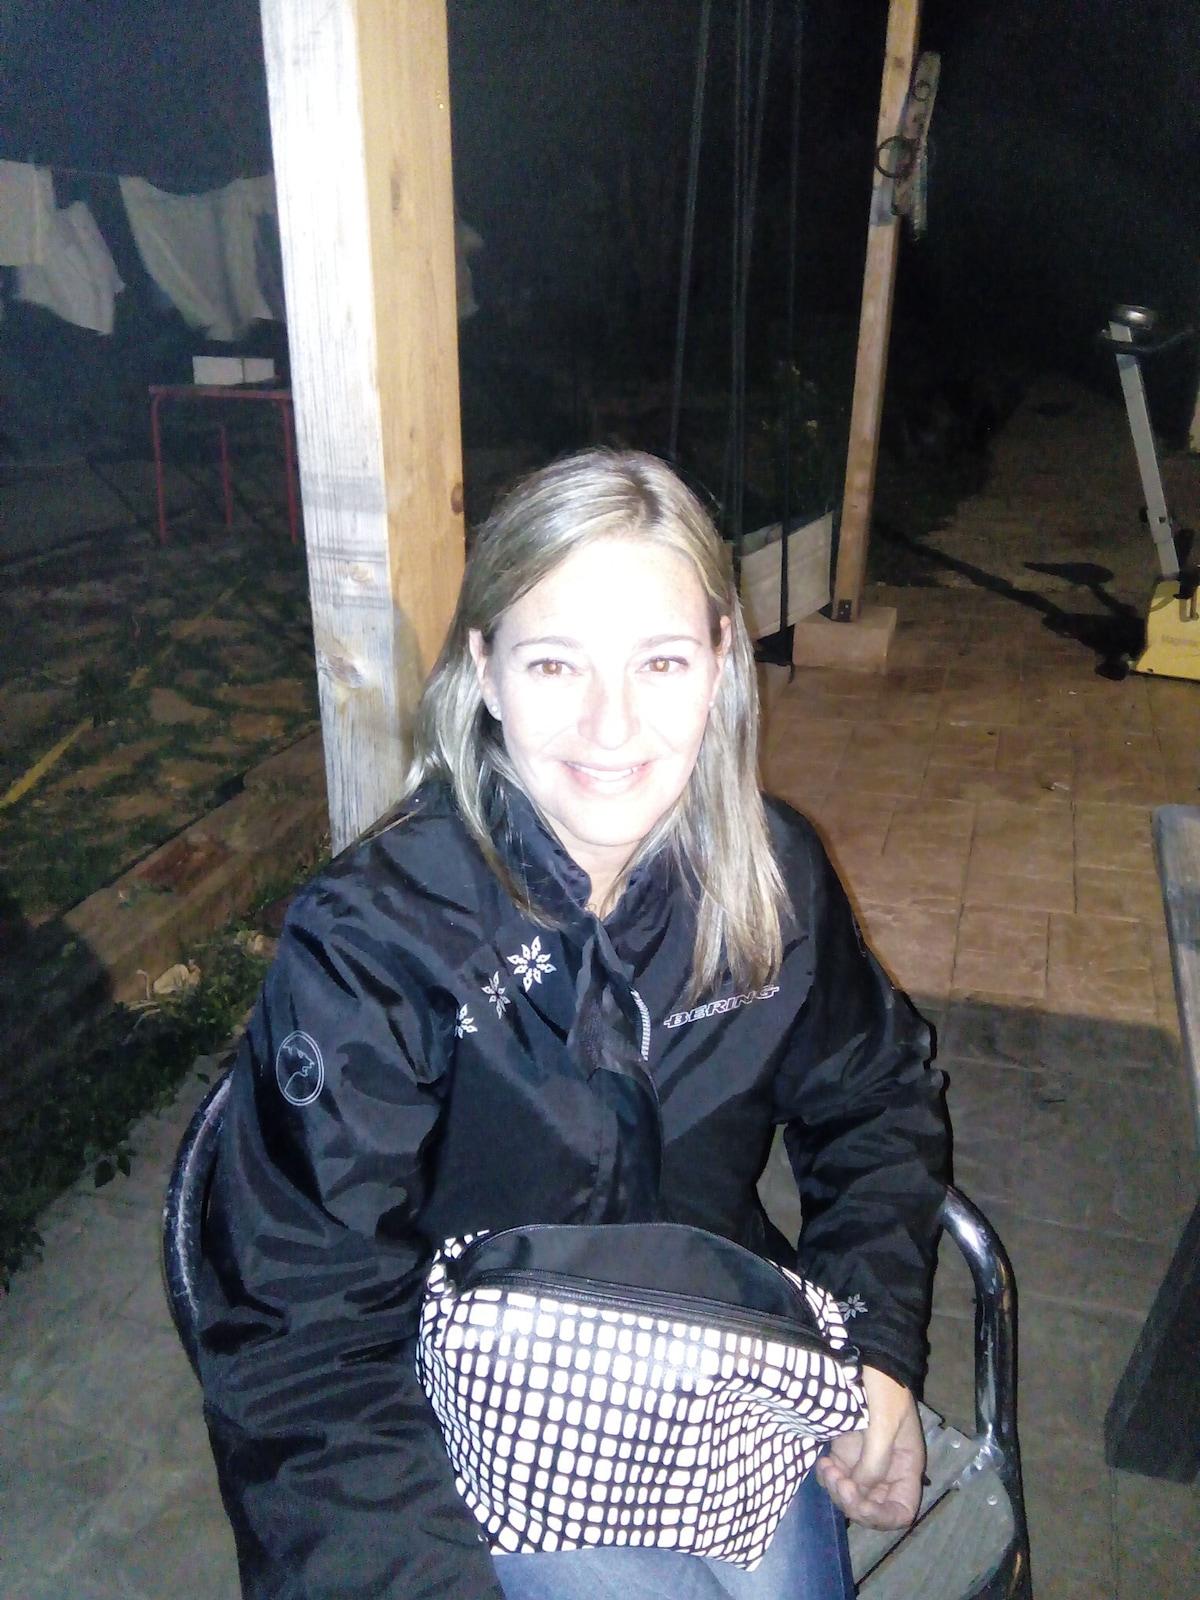 Cristina from Huelva